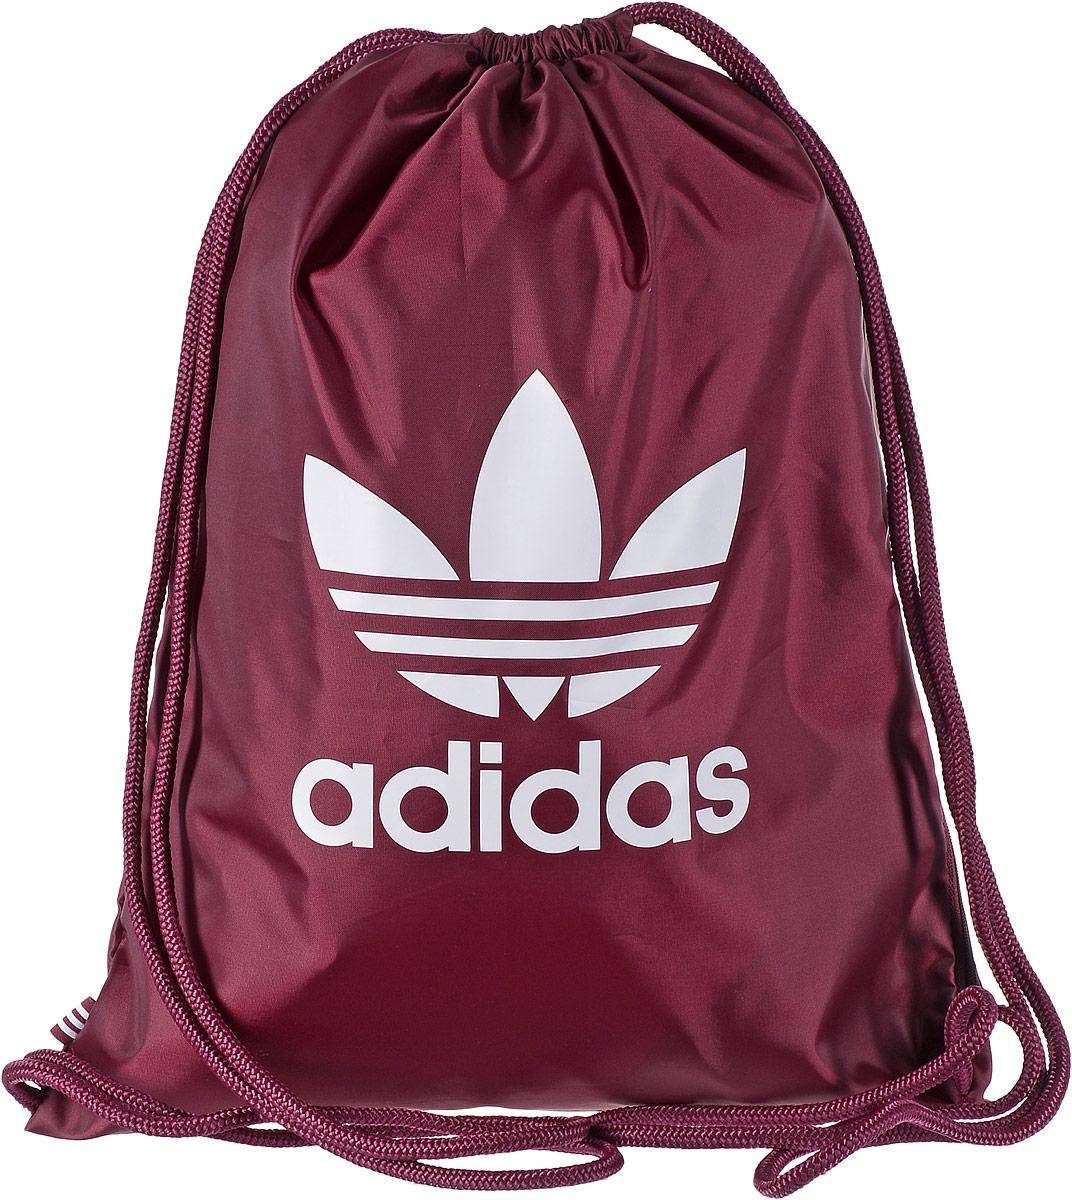 Рюкзак спортивный Adidas Trefoil, цвет: бордовый, 23 л. BK6728BK6728Стильный спортивный рюкзак Adidas Trefoil выполнен из полиэстера и оформлен символикой бренда. Изделие имеет одно основное отделение, которое закрывается с помощью затягивающего шнурка. С внутренней стороны изделие оснащено удобной ручкой для переноски. Снаружи, с одной из боковых сторон находится прорезной карман на застежке-молнии. Веревочные завязки можно использовать как наплечные лямки. Стильный и функциональный рюкзак поместит все необходимое.